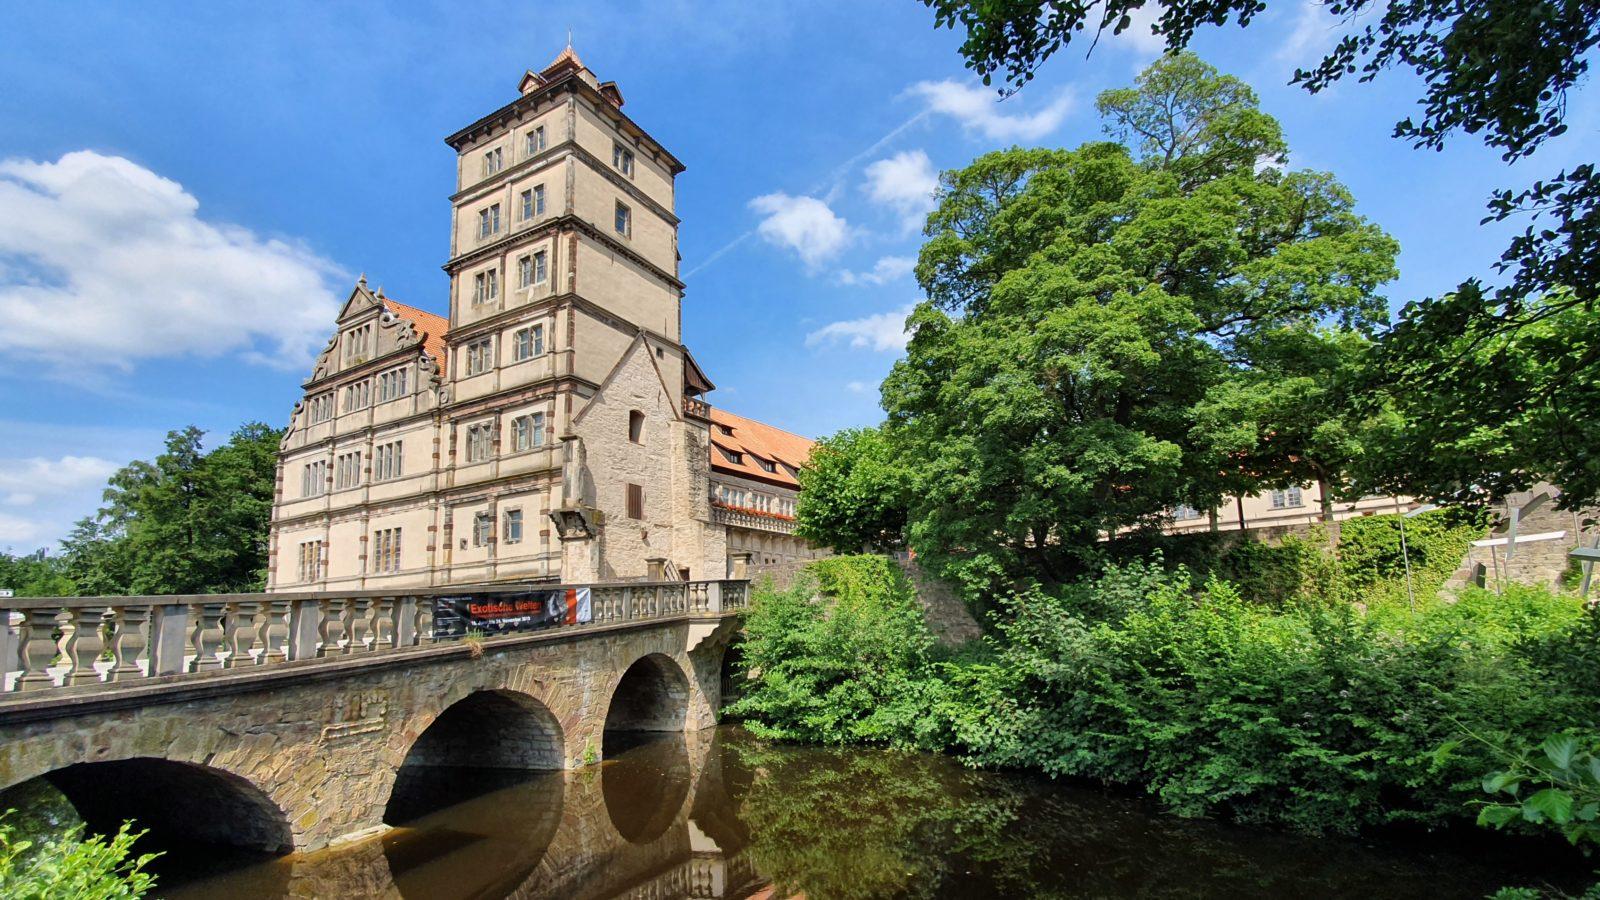 Sehenswürdigkeiten im Teutoburger Wald, Ausflugstipps im Teutoburger Wald, Schloss Brake, Lemgo